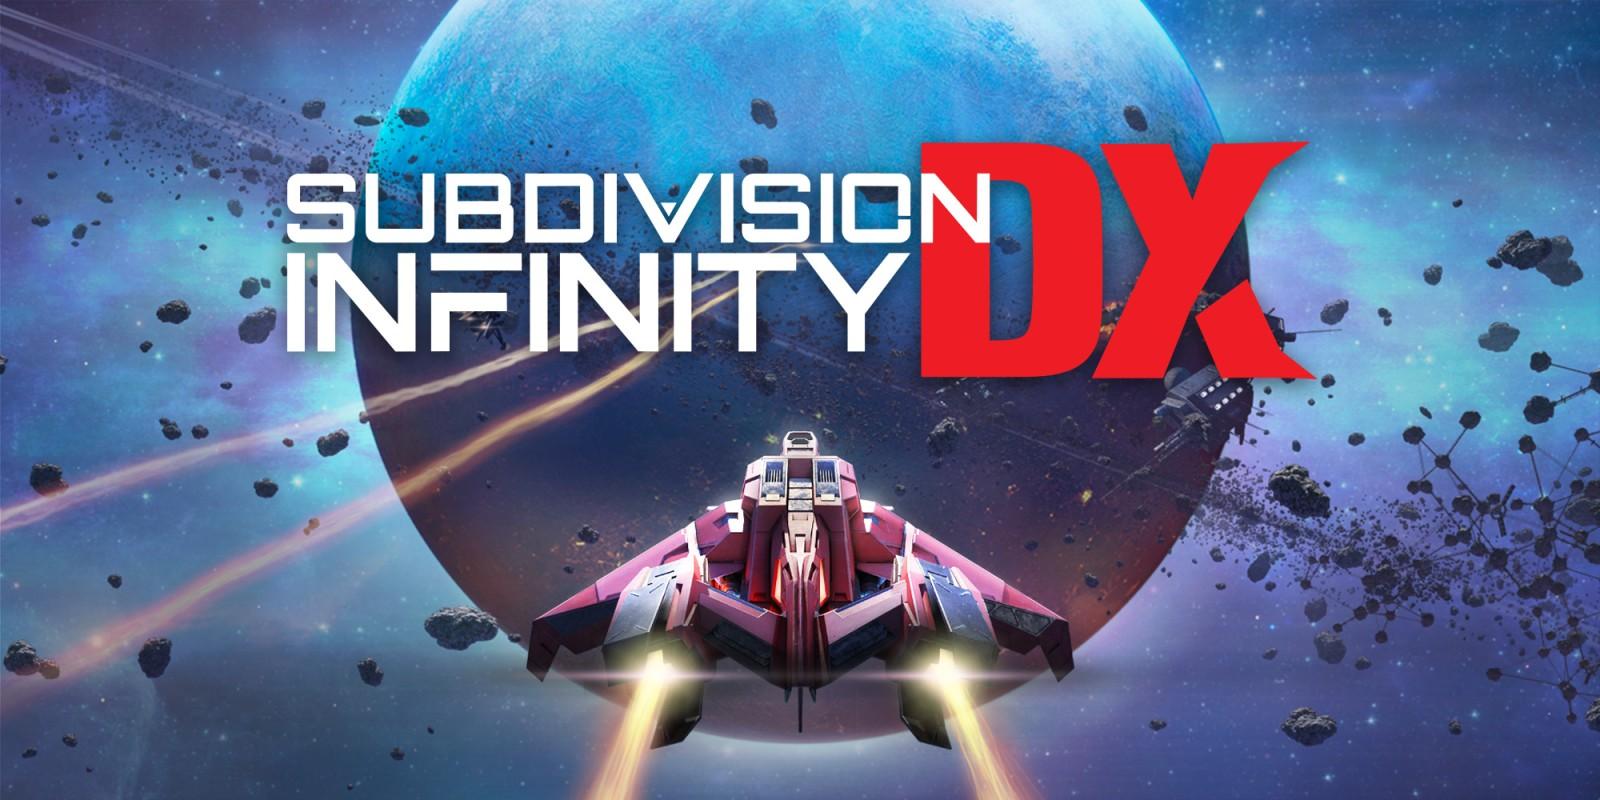 Subdivision Infinity DX: Explora las profundidades del espacio como el sargento Jed Riddle